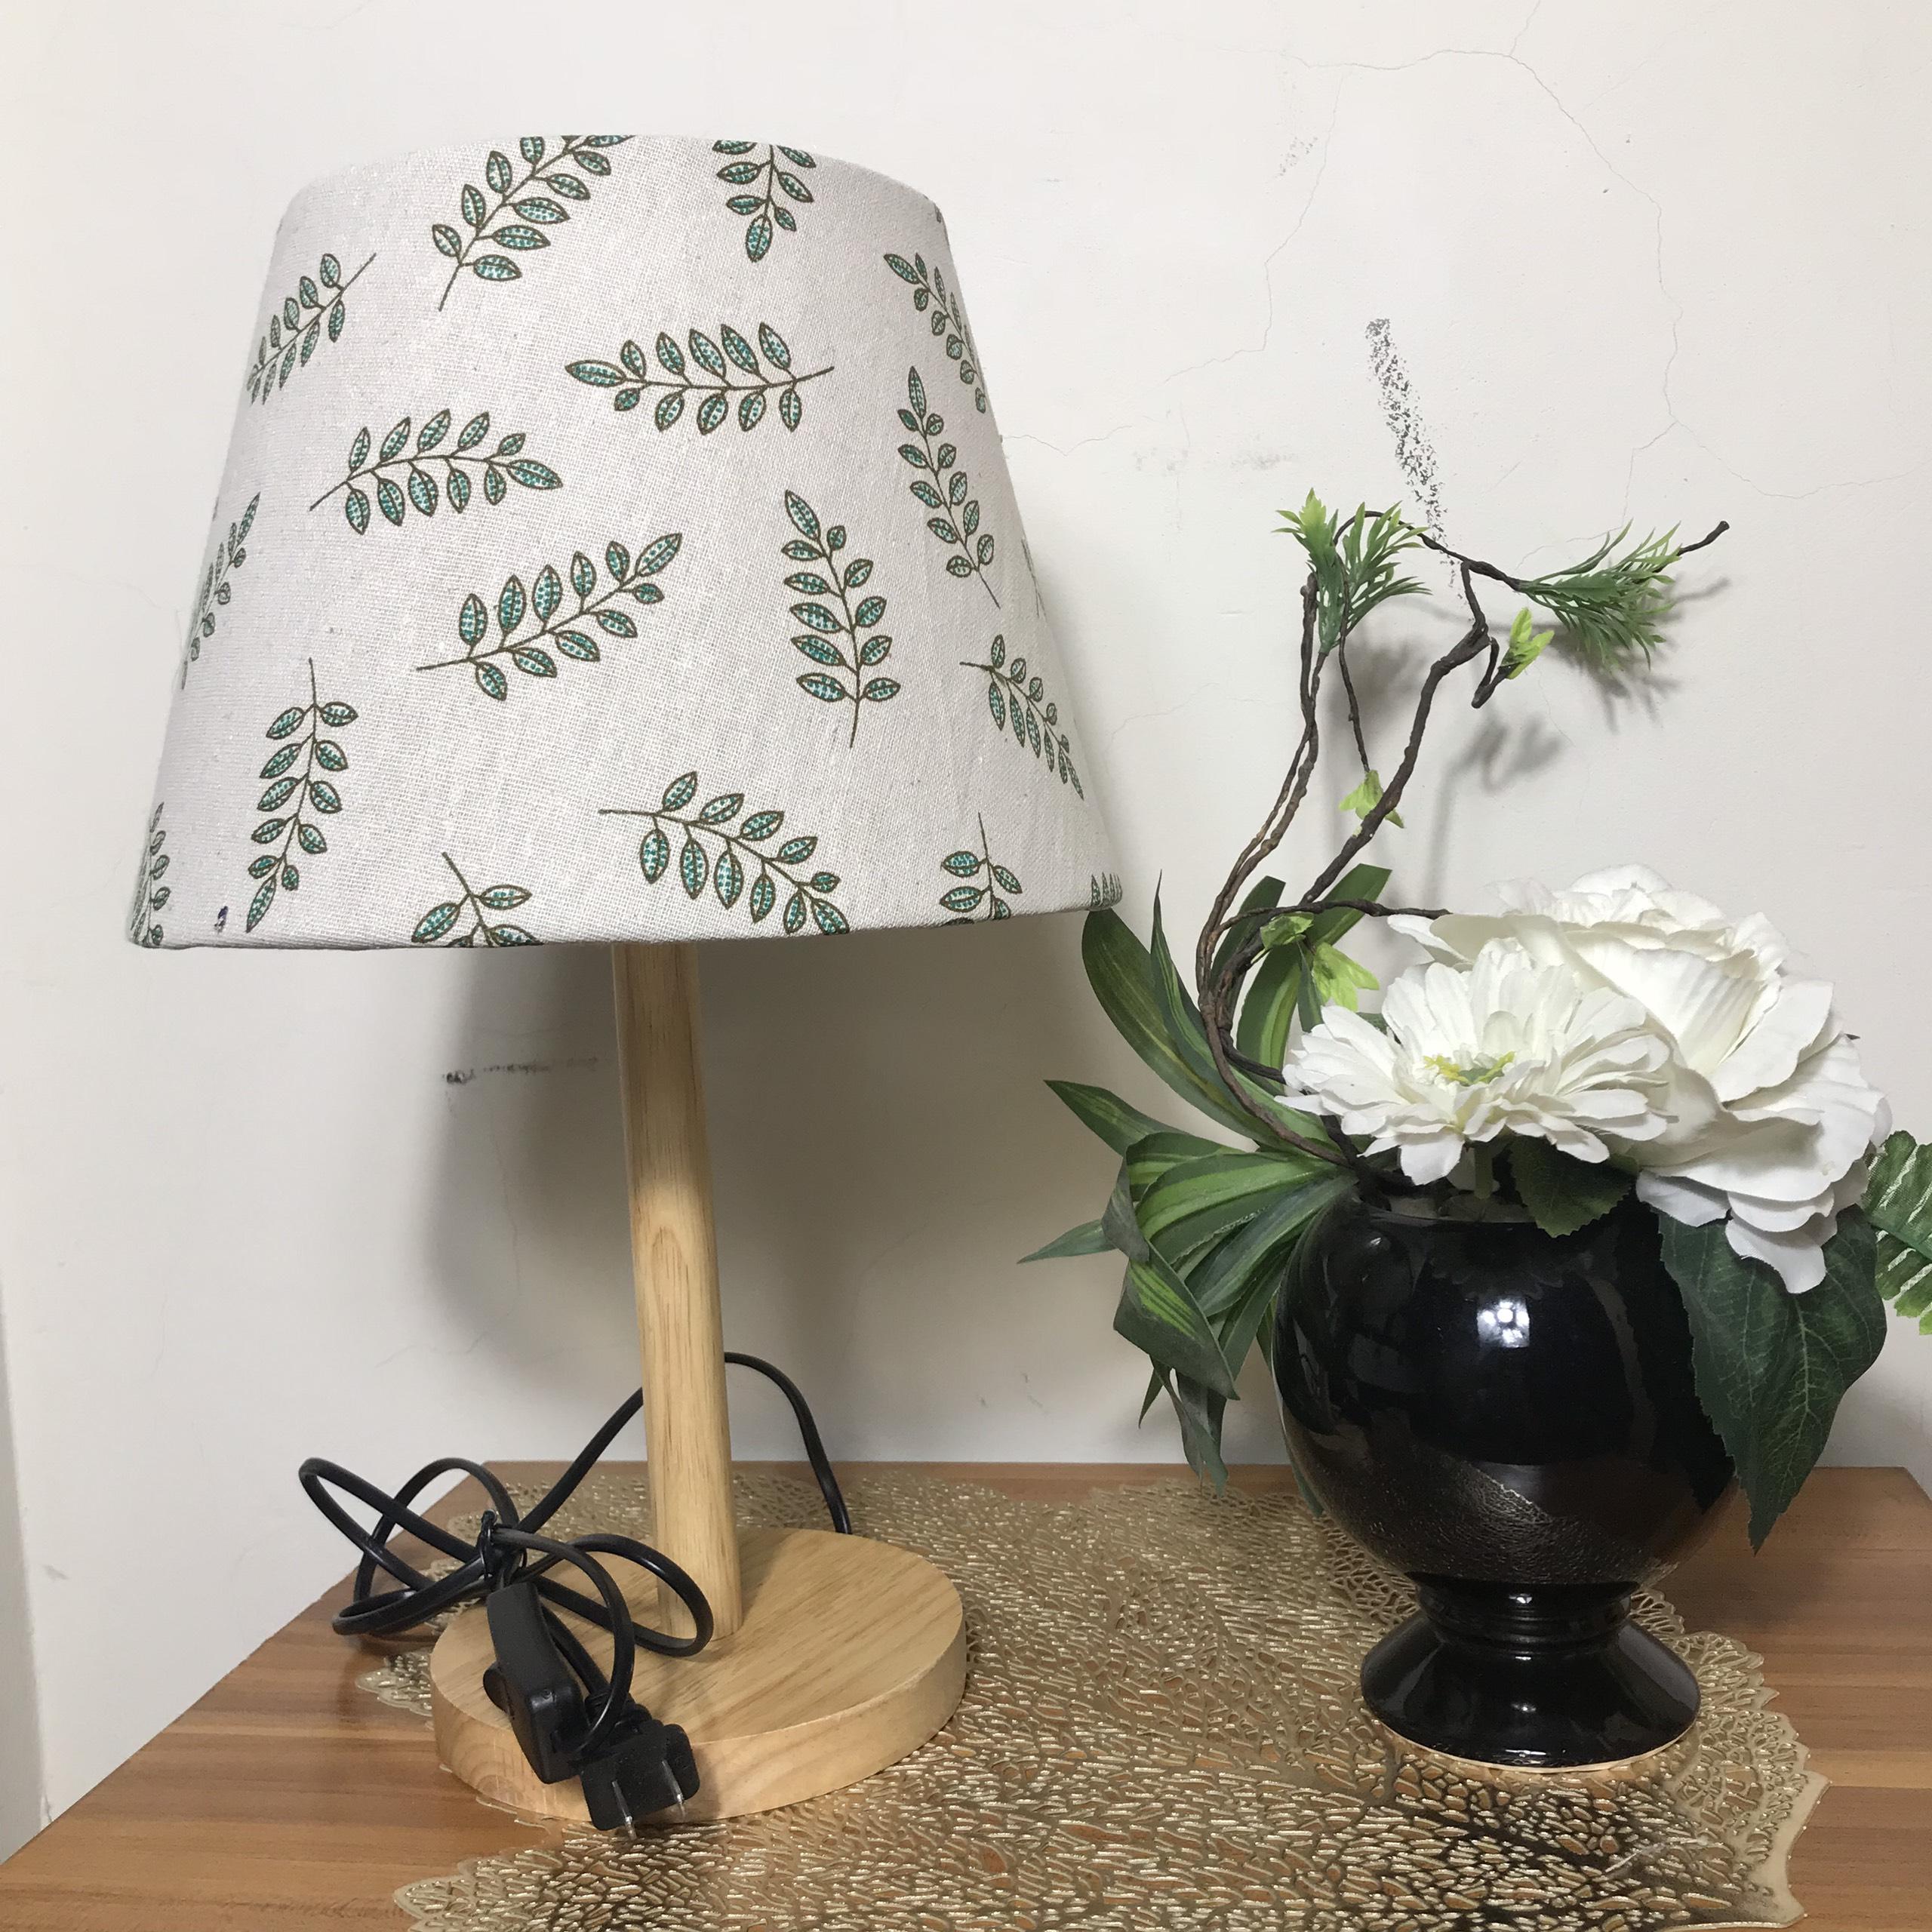 Đèn ngủ DB-B04 LÁ XANH - đèn ngủ để bàn mini chân gỗ dễ thương, chao vải canvas giá rẻ, công tắc bật tắt, kèm bóng